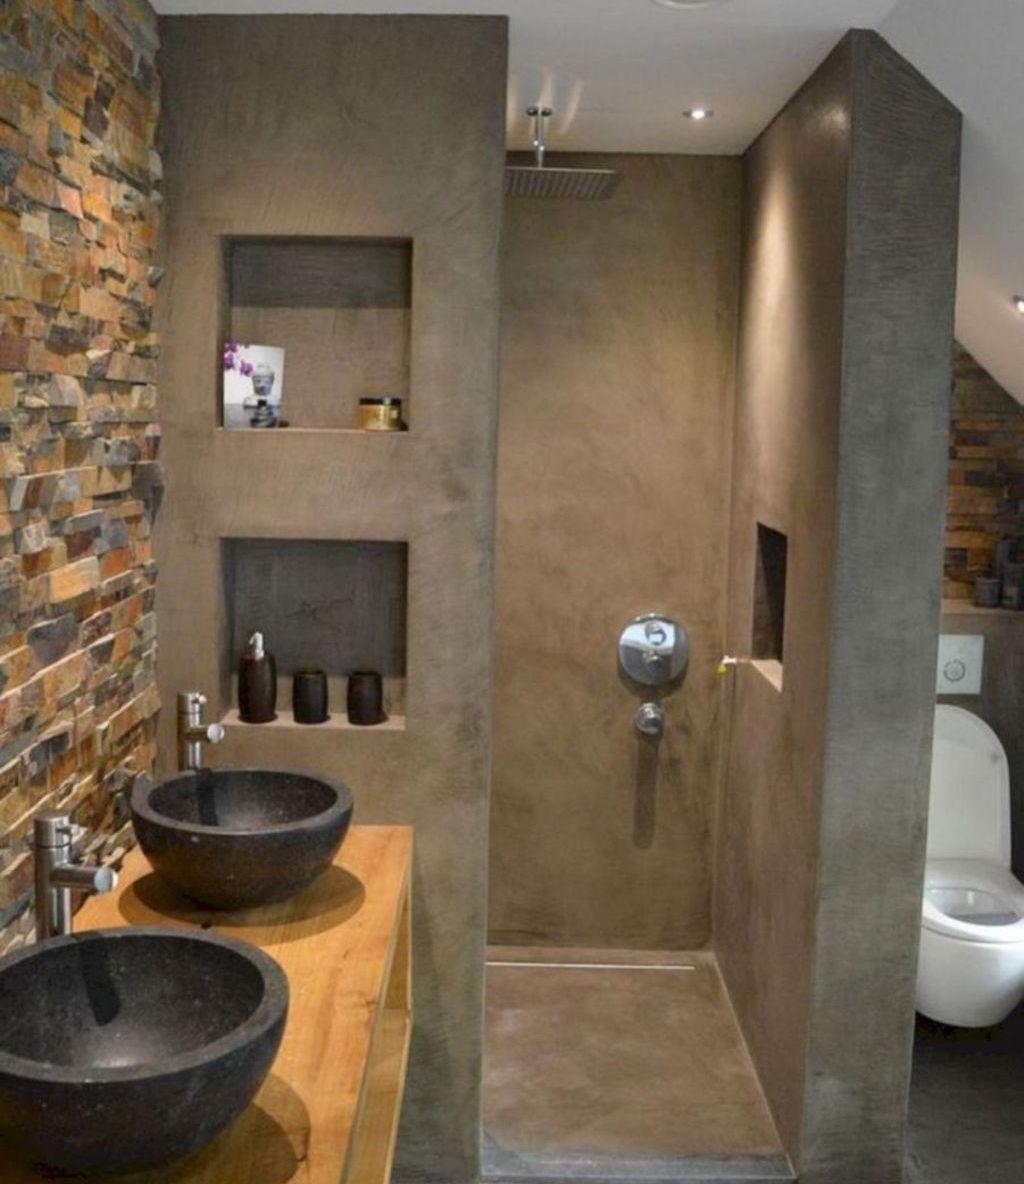 Cool 49 Inspiring Small Bathroom Design Ideas More At Https Dailyhomy Com 2018 10 03 49 Inspiring Sma Bathroom Design Small Small Bathroom Amazing Bathrooms